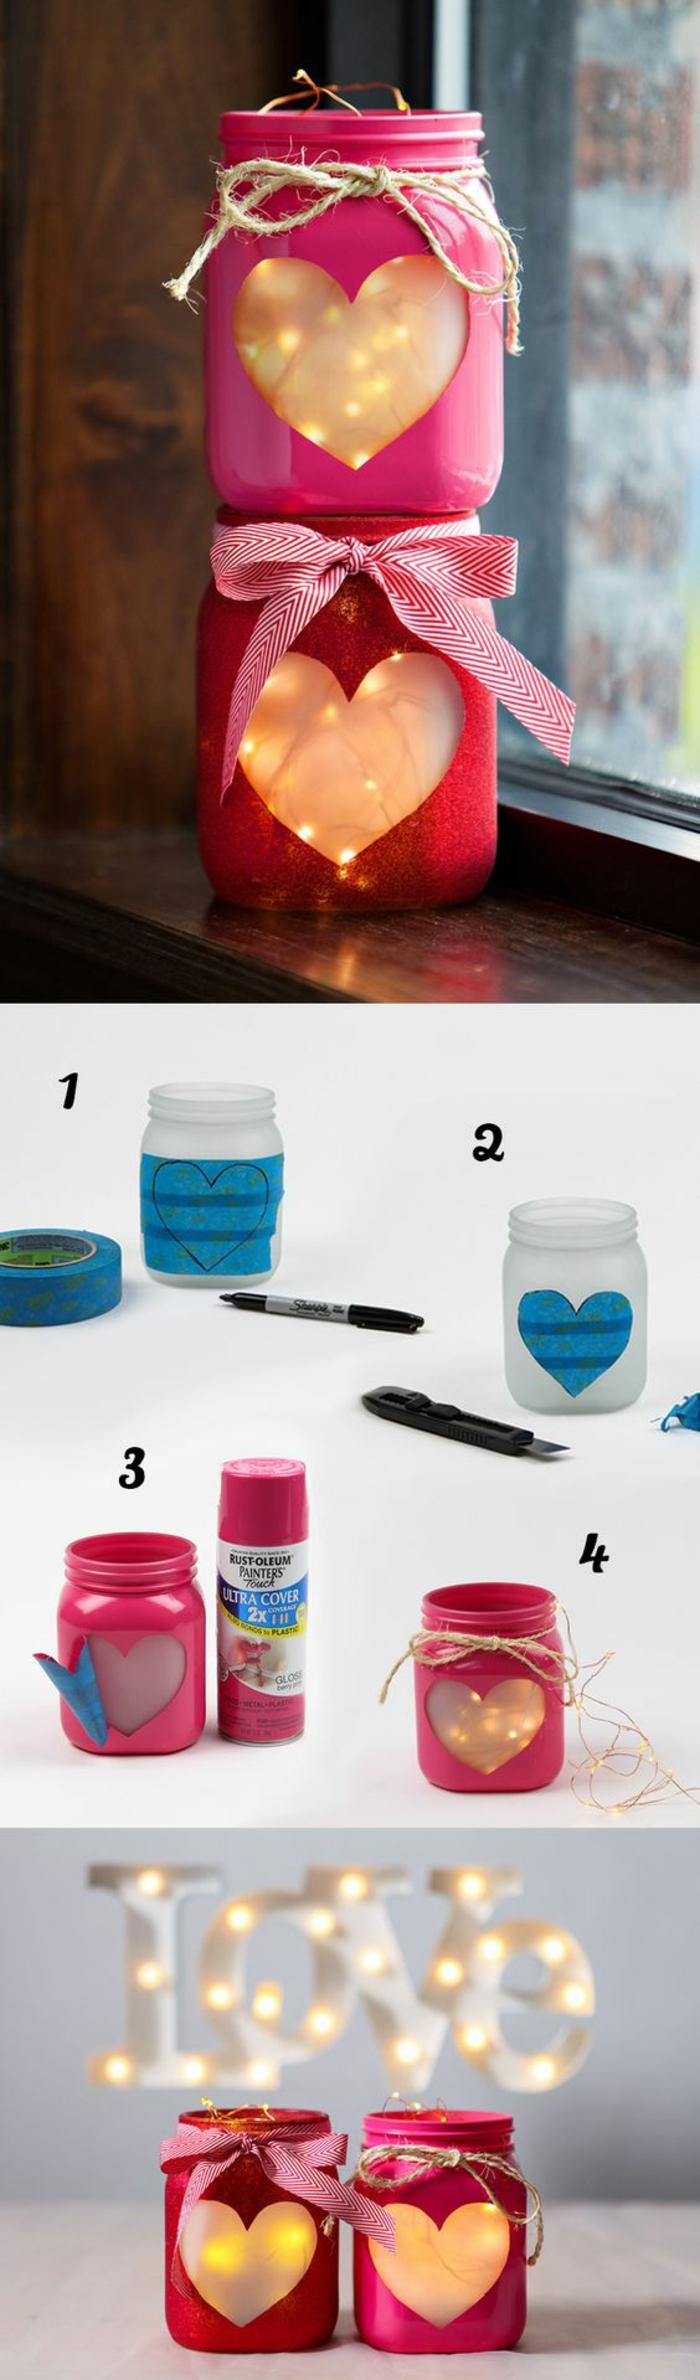 einfache bastelideen, deko ideen, kerzen dekorieren, einmachglas in form von herz gestalten